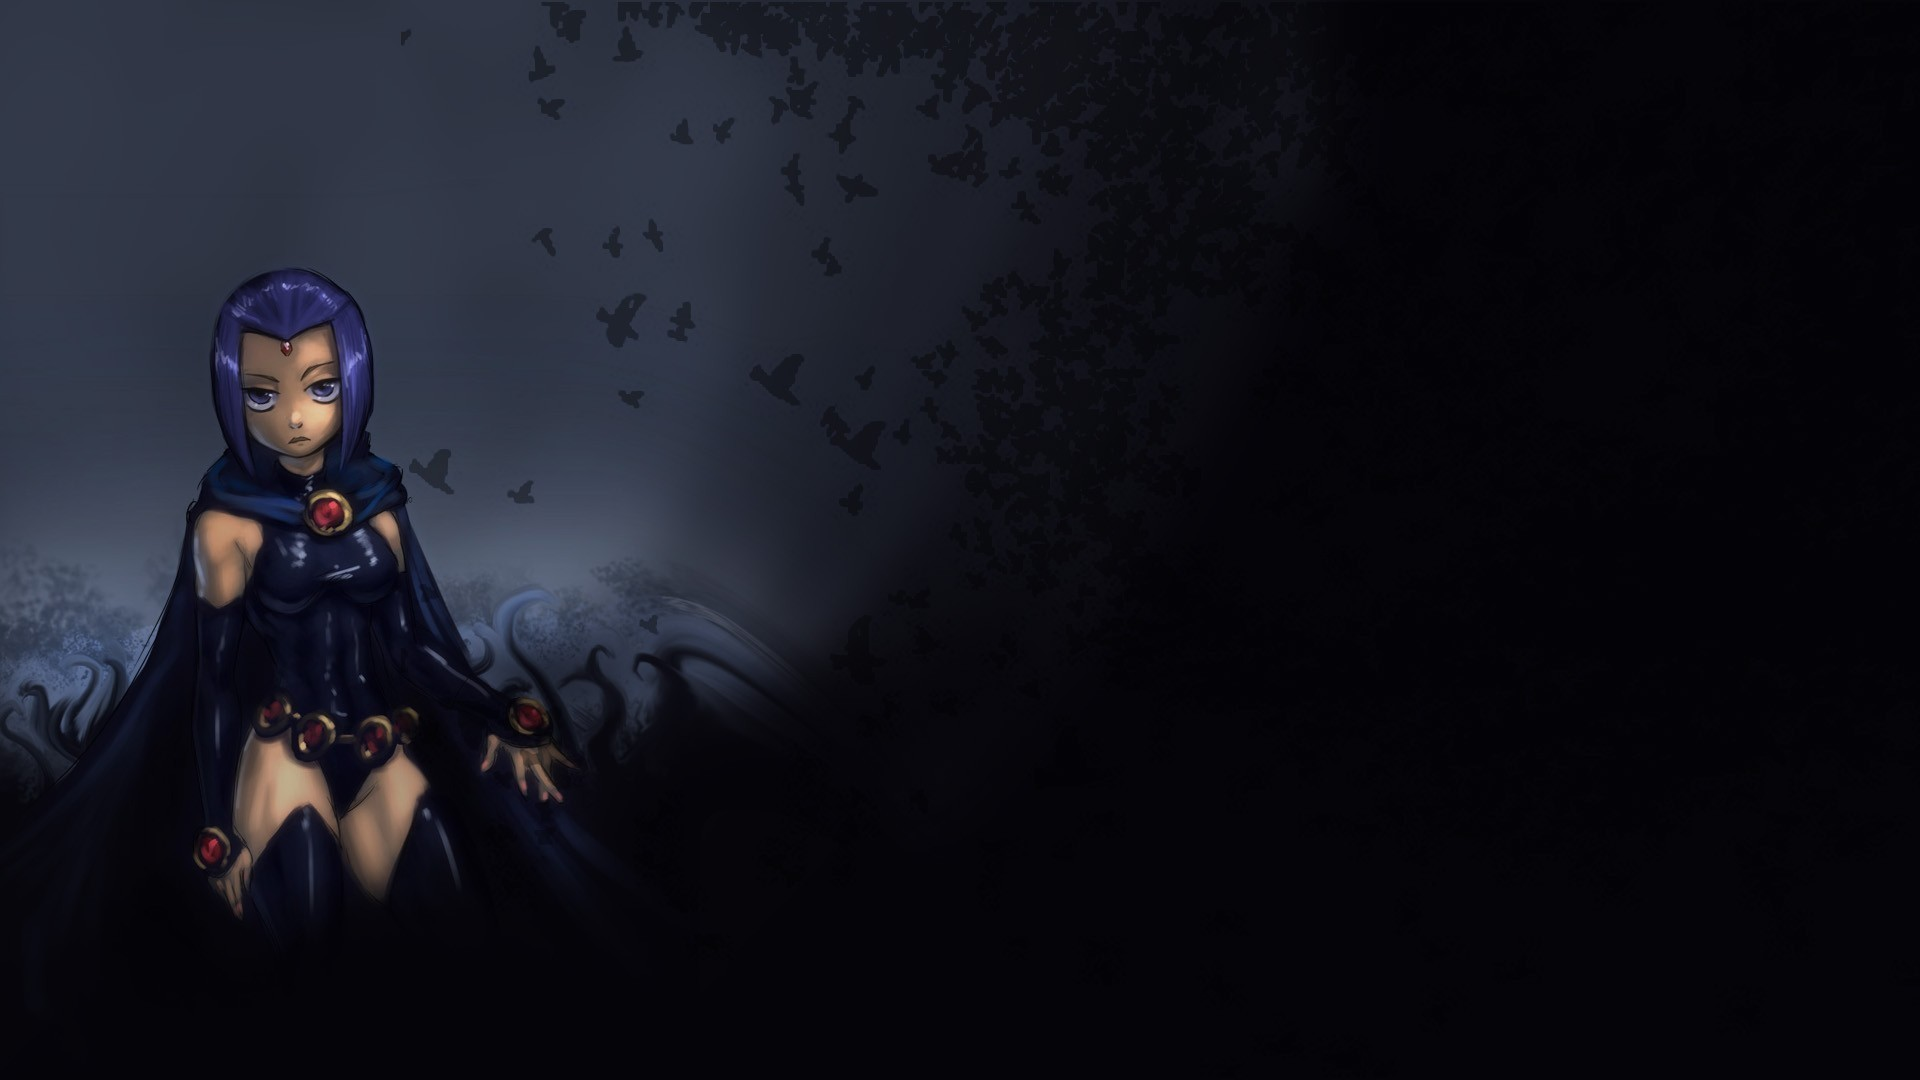 Titans wallpaper , Cartoons Wallpaper, Raven Wallpaper, Teen Titans HD .